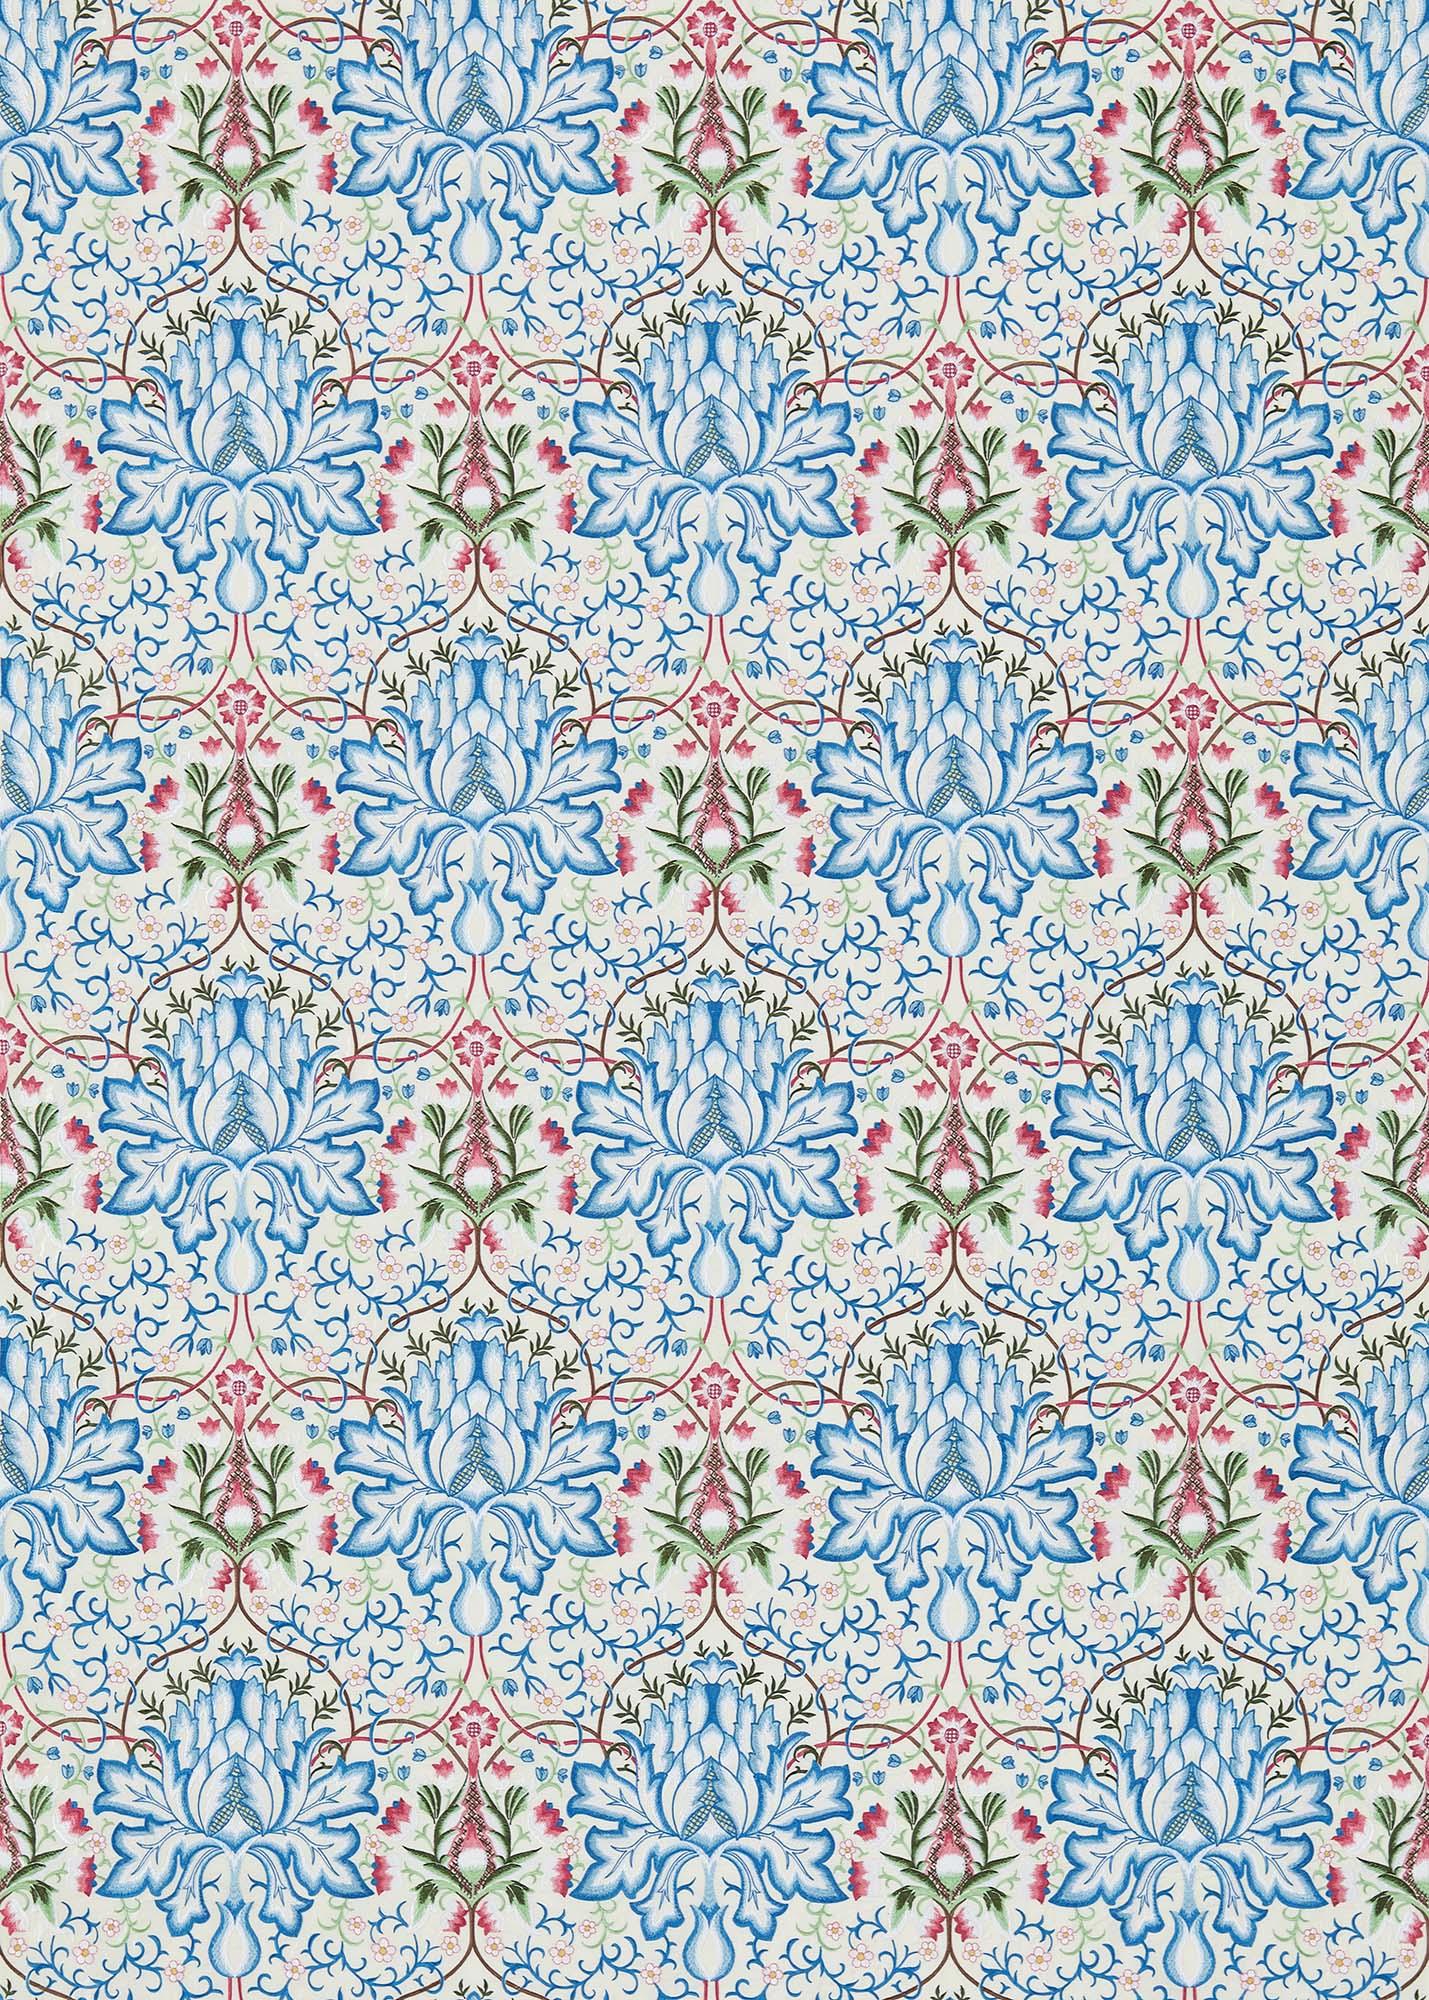 ウィリアムモリス生地 Artichoke Embroidery 234545